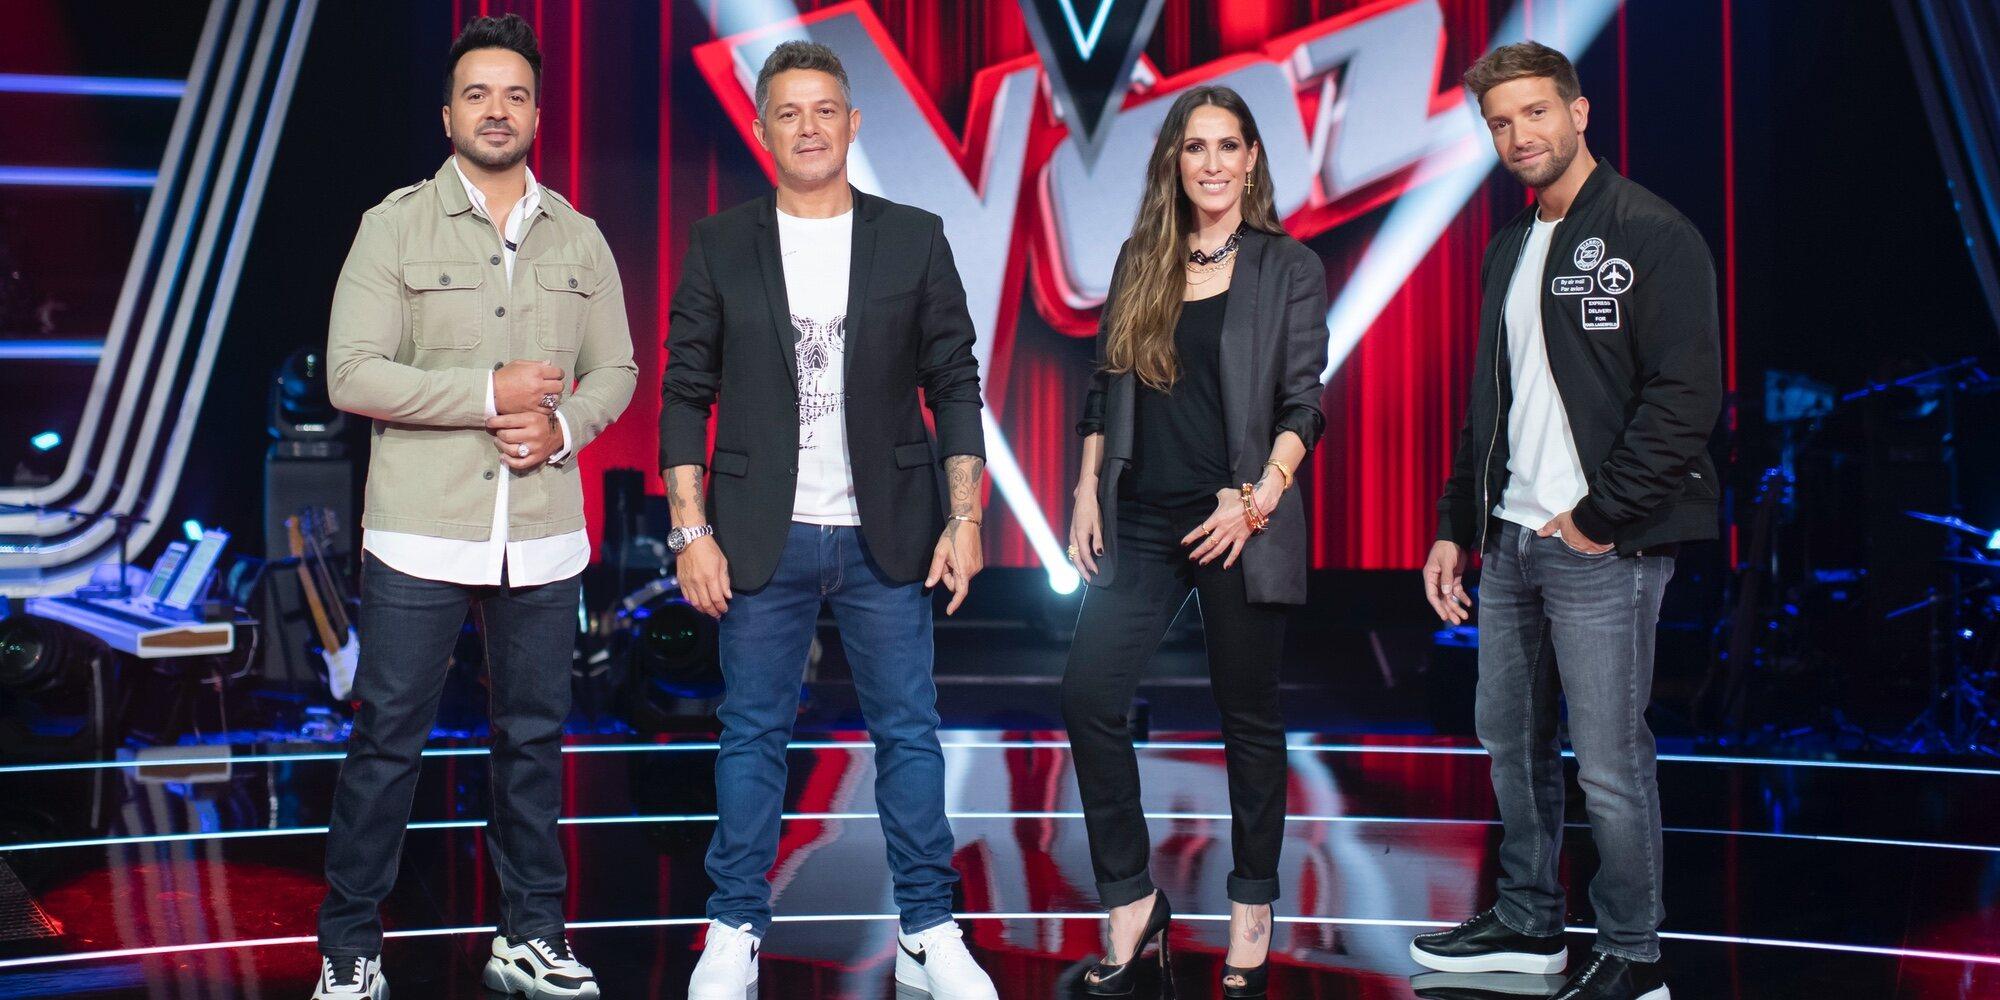 Vuelve 'La Voz': grandes novedades en el formato y con Pablo Alborán como 'el novato' de la edición